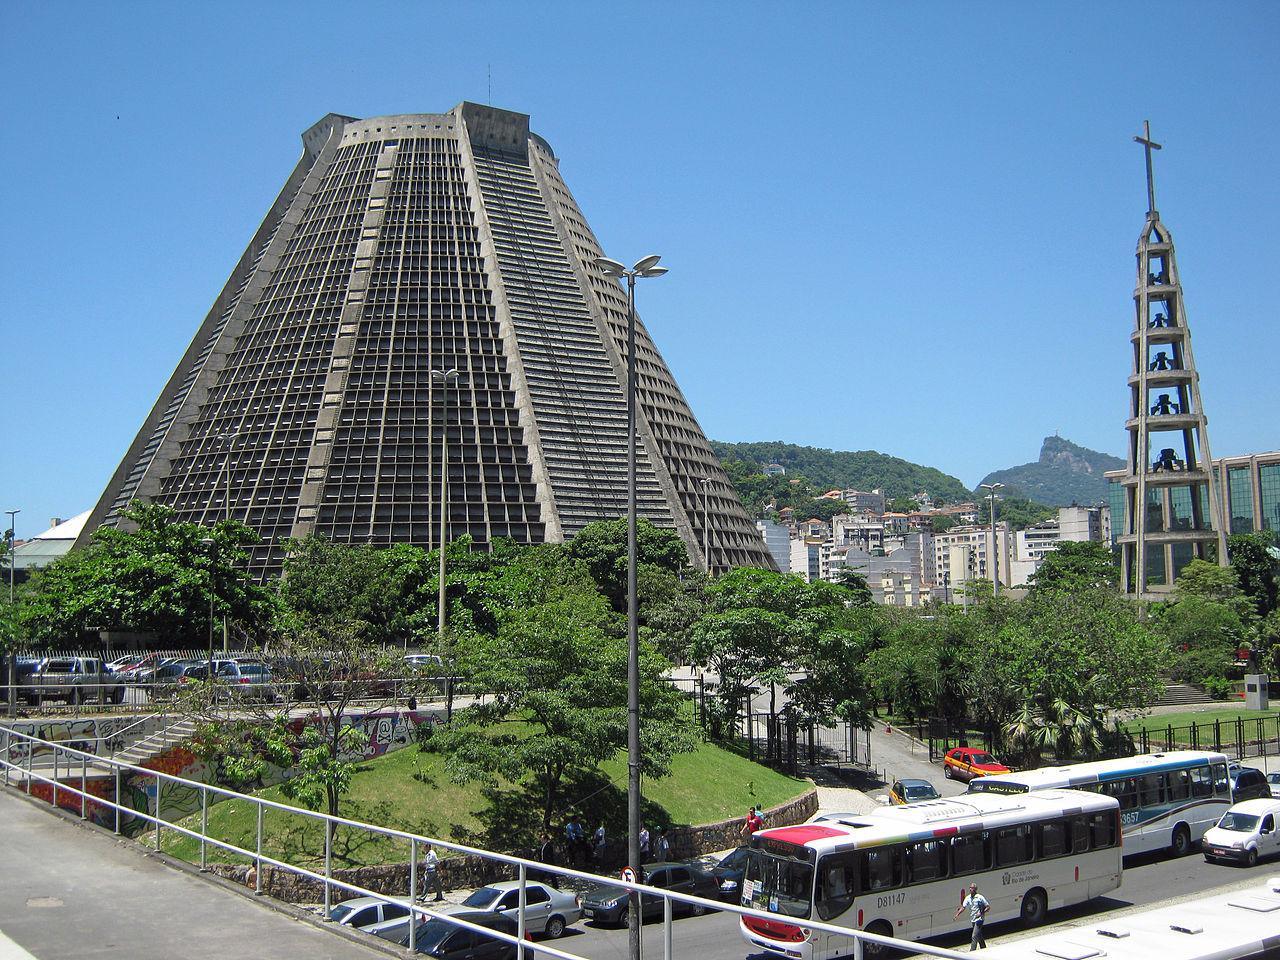 Собор Св. Себастьяна, кафедральный собор в Рио-де-Жанейро